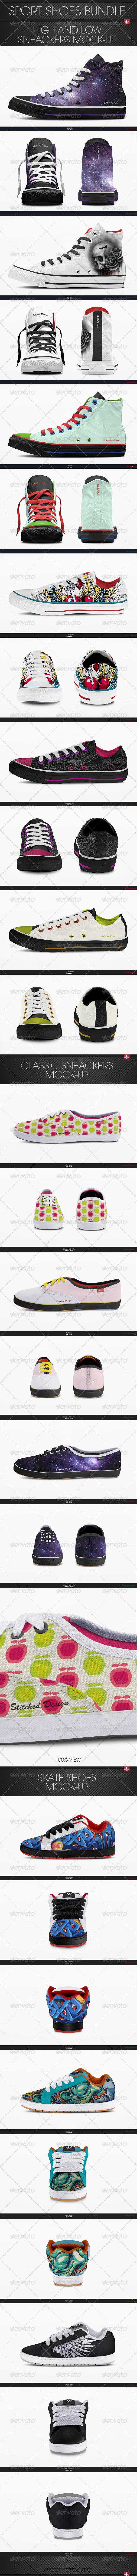 GraphicRiver Sport Shoes Bundle 6324488